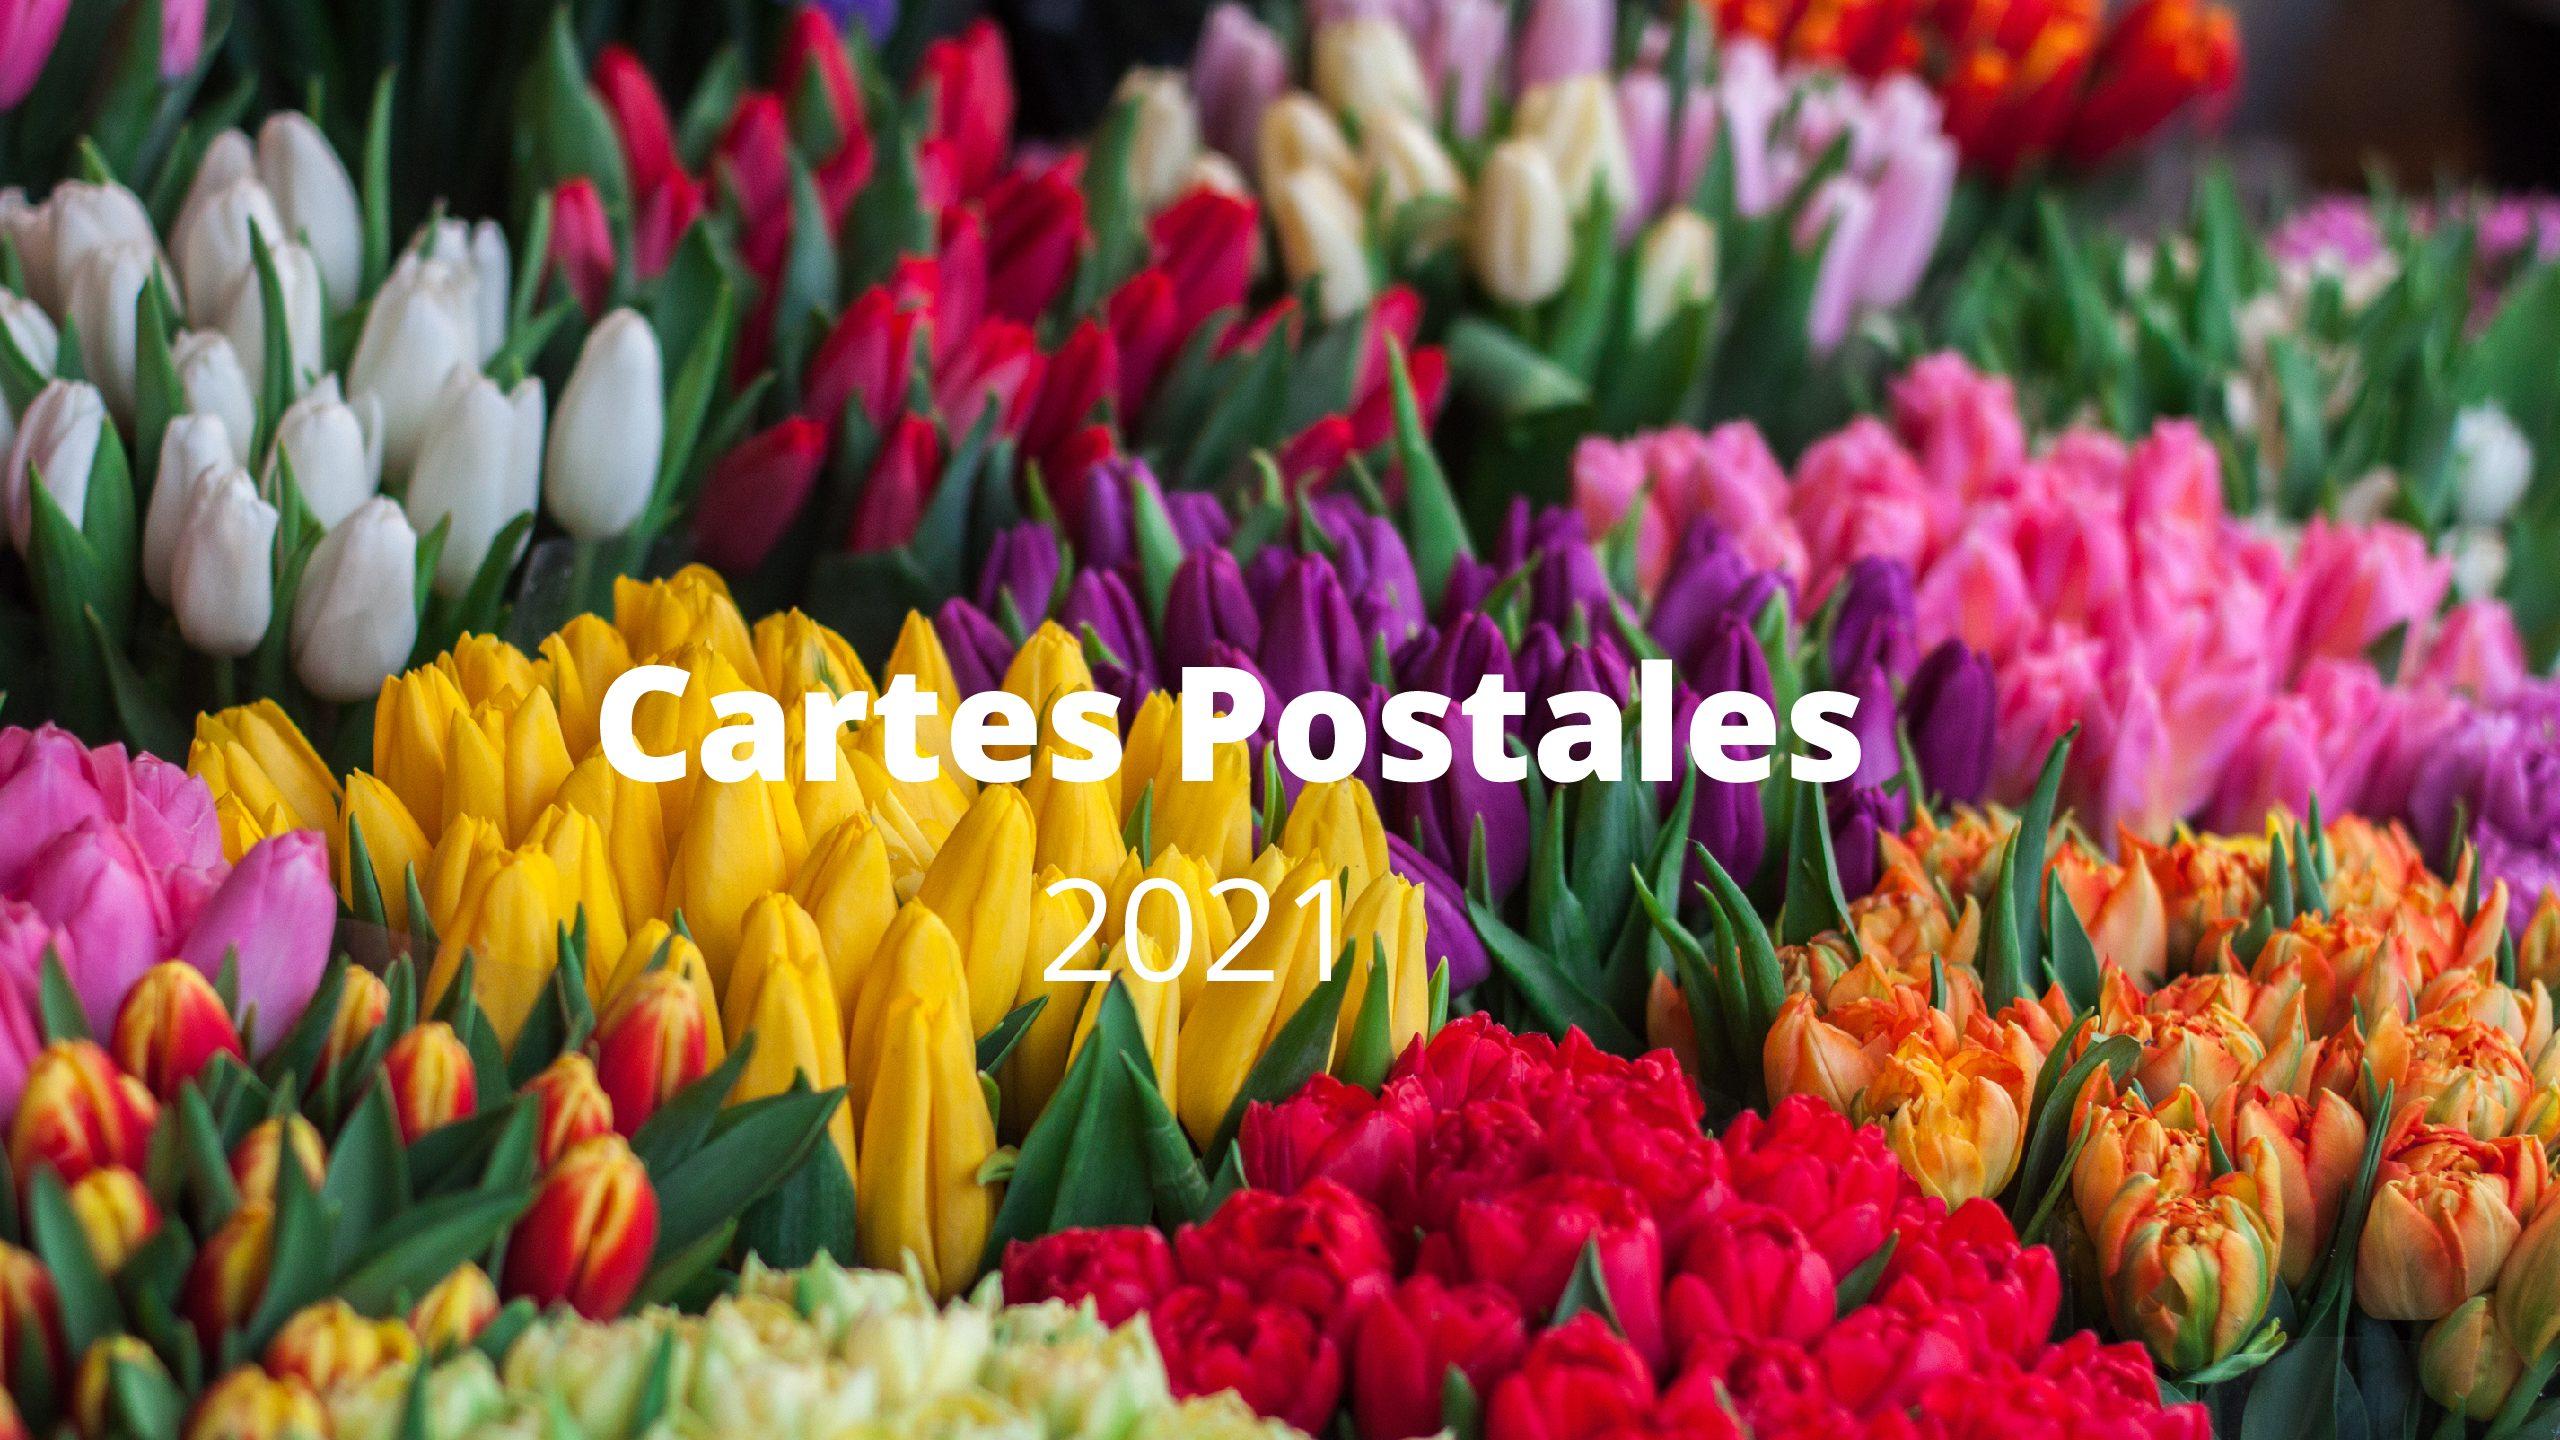 Cartes Postales 2021 (1ère partie) : Laquelle préférez-vous?